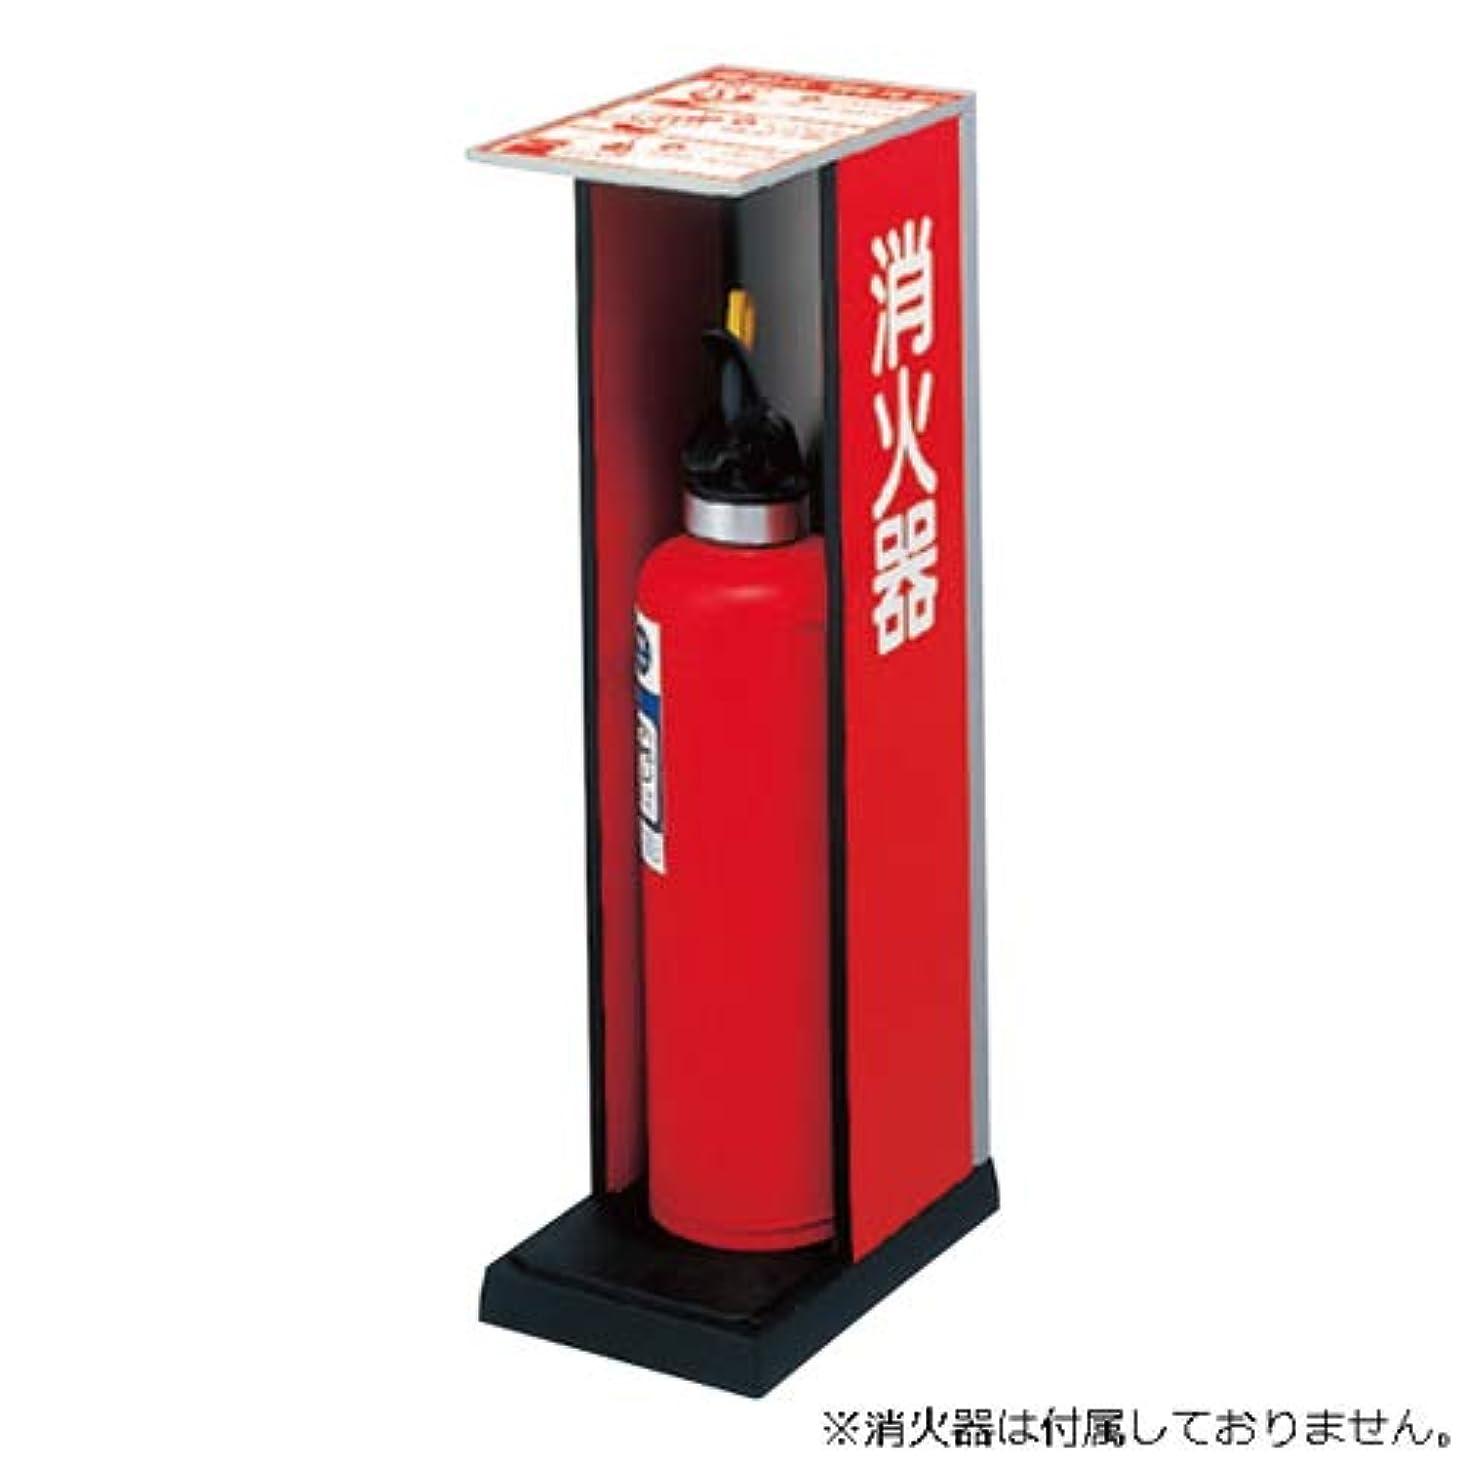 スリーブ変える兵器庫消火器ボックス(据置型) SK-FEB-6N 天プレート取説表示あり